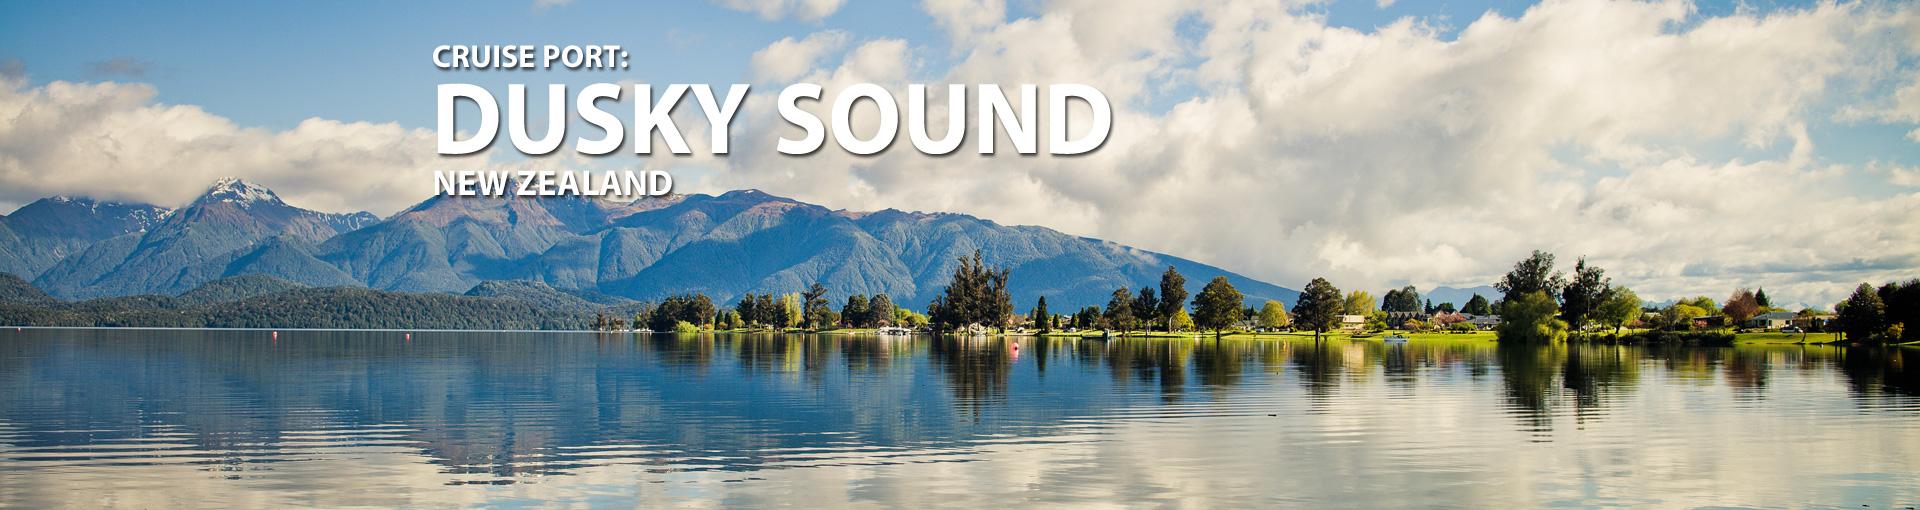 Cruises to Dusky Sound, New Zealand